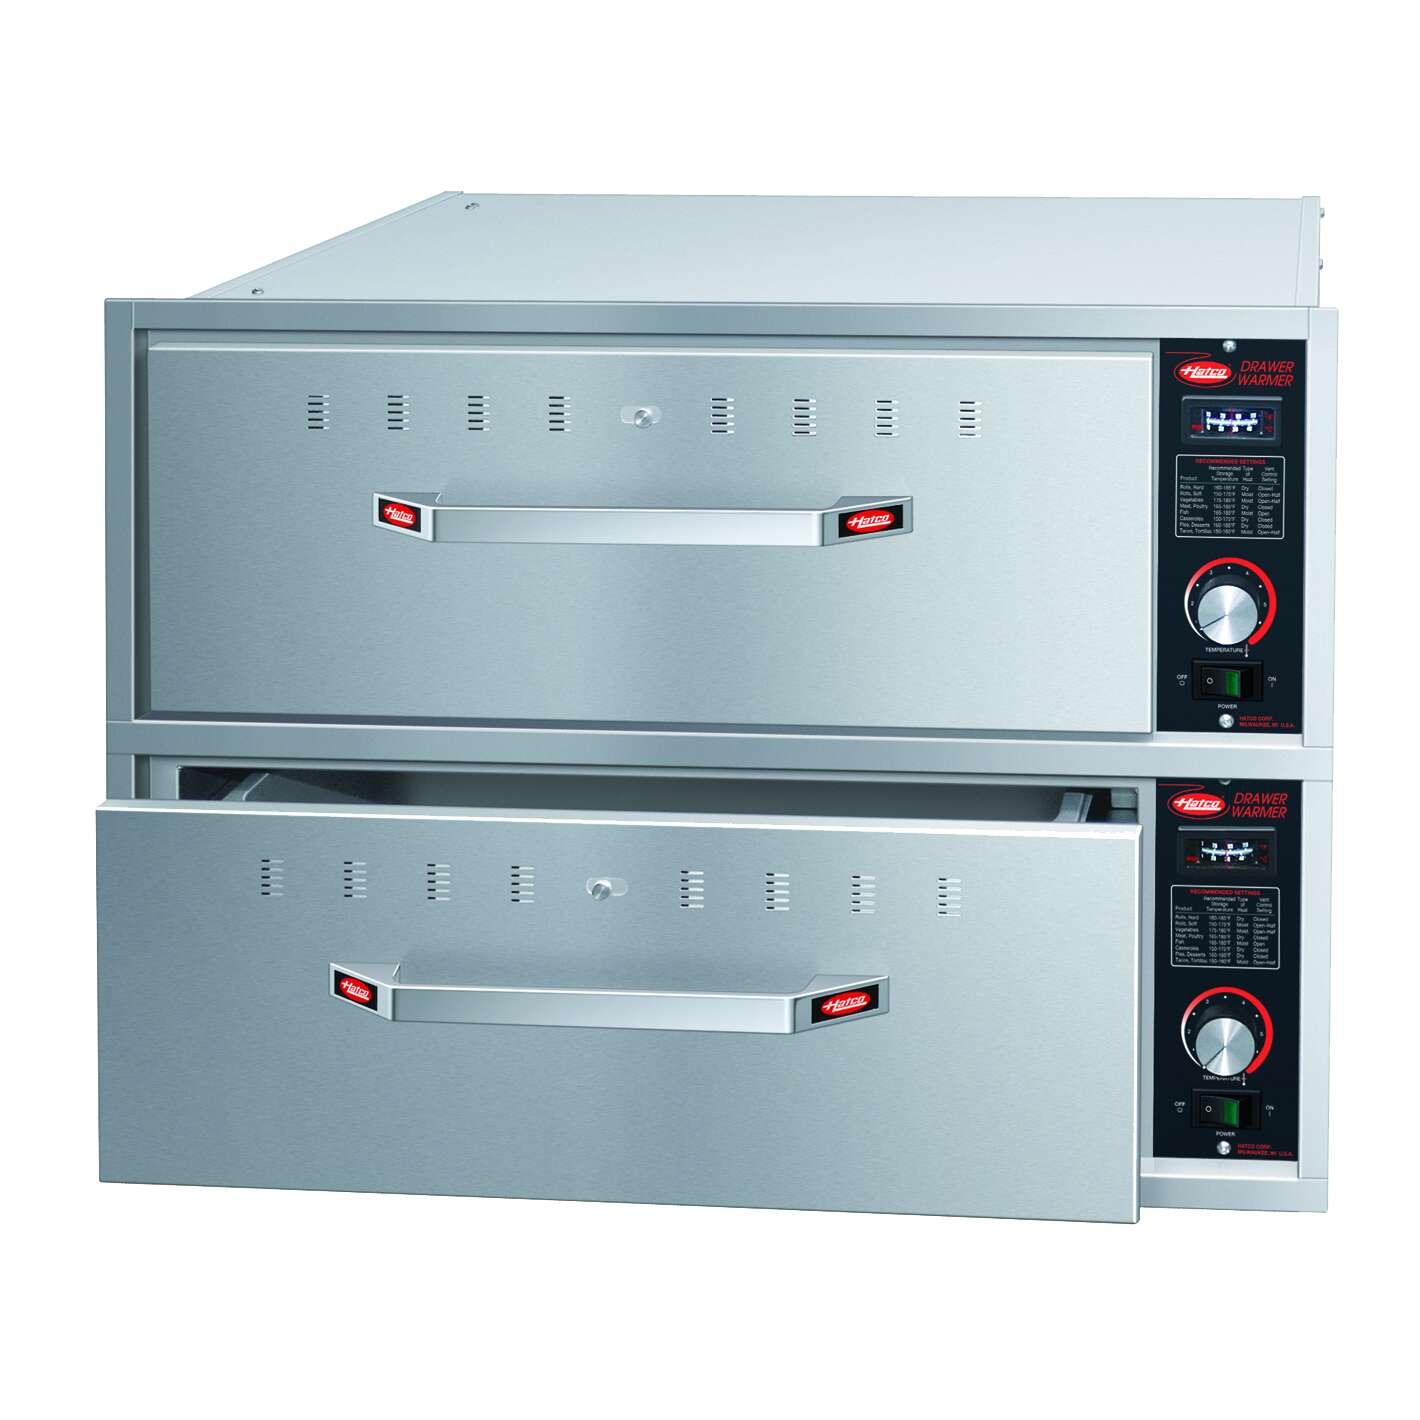 Hatco hdw 2bn warming drawer unit kitchen equipment for 800 kitchen drawer unit